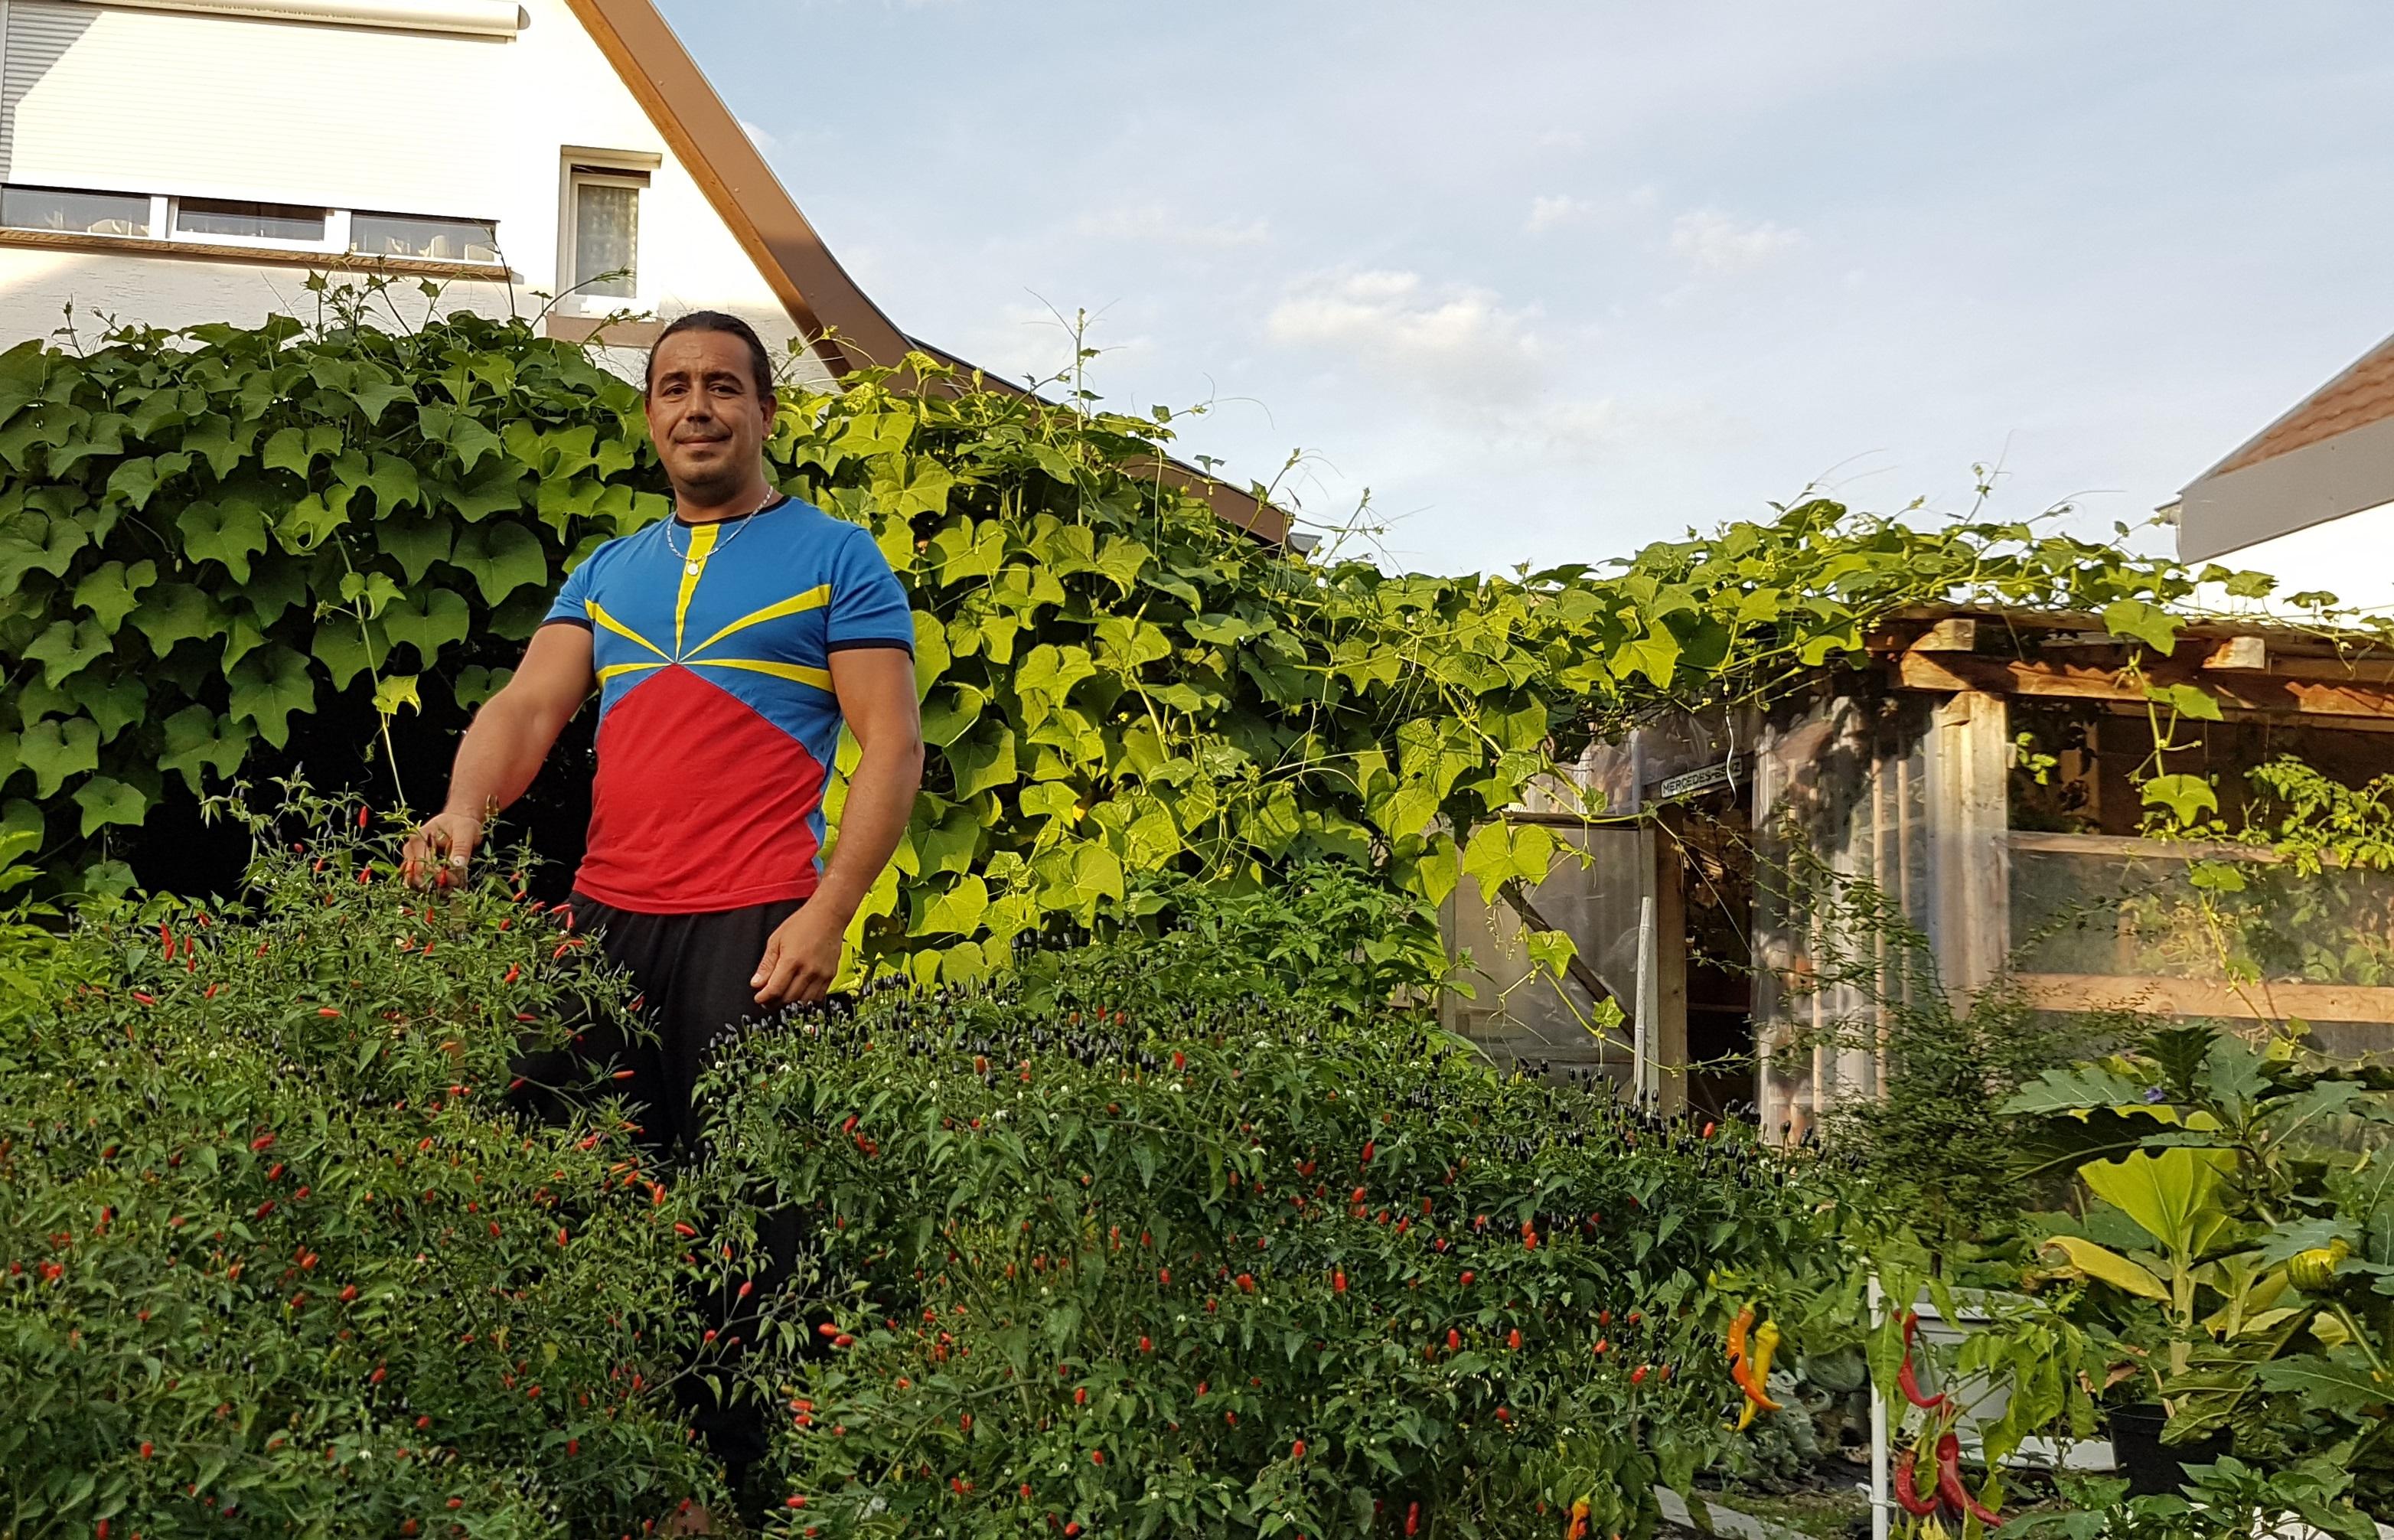 Legumes A Mettre Dans Le Jardin un jardin réunionnais en alsace - réunionnais du monde